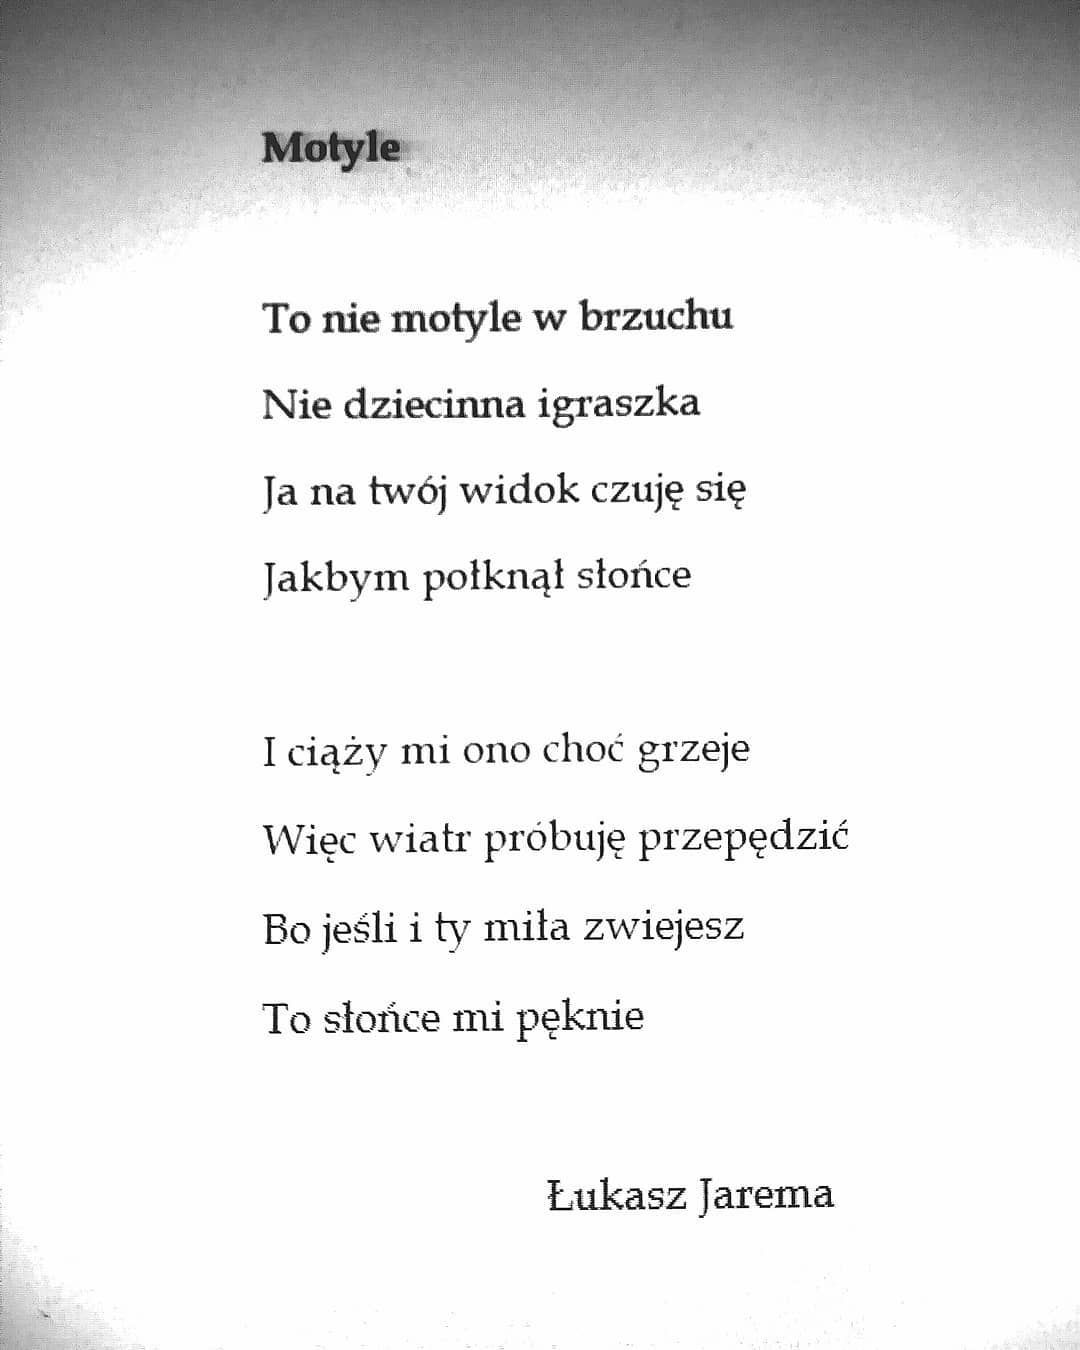 Motylki Poezjasmutnaismutniejsza Poezja Wiersz Wiersze